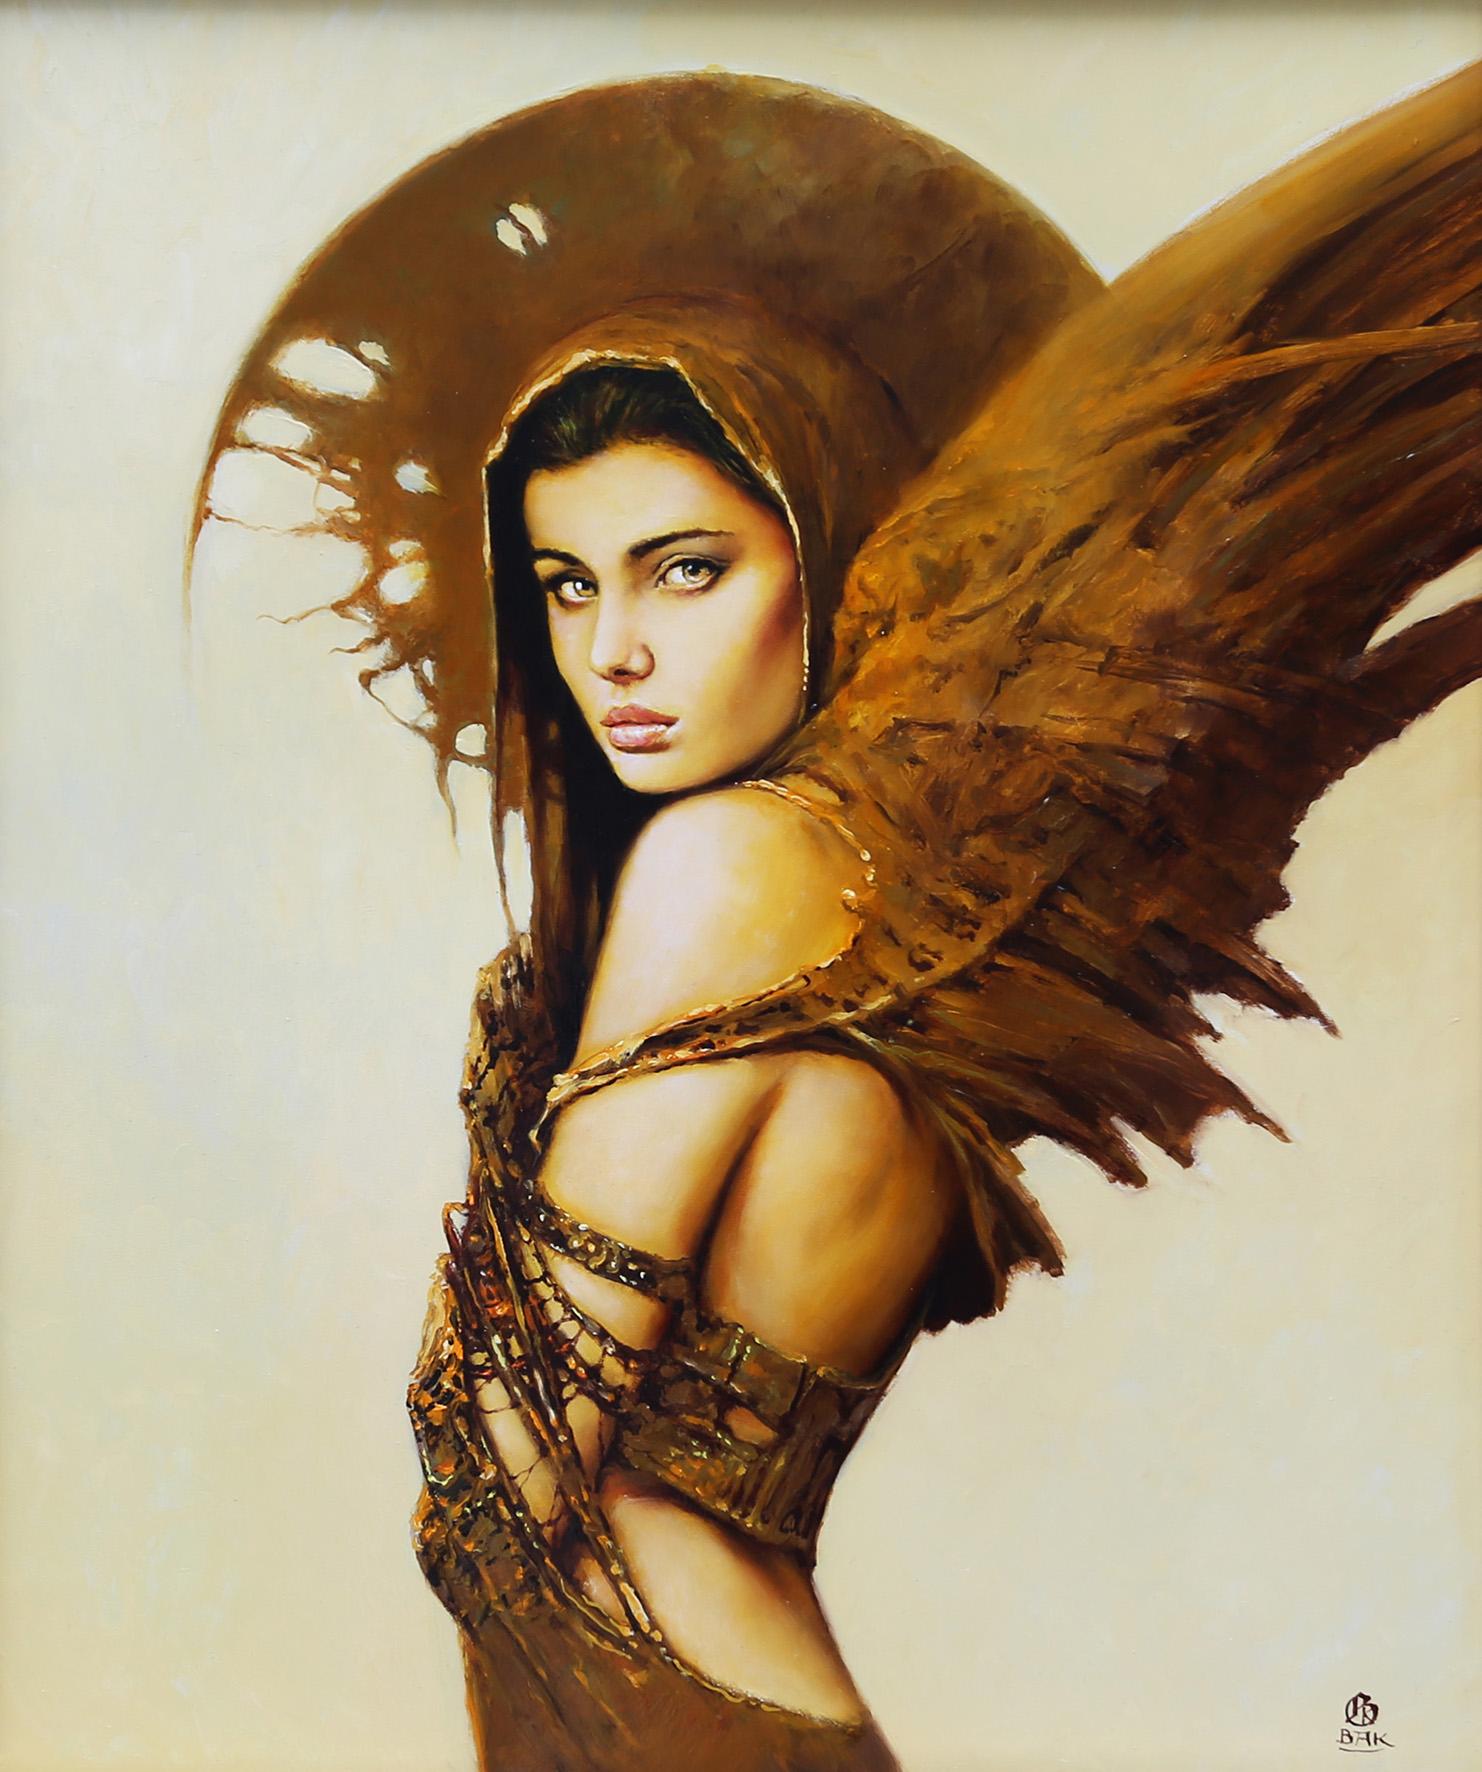 """""""Złoty świt III"""", 2016, olej na płycie, 50 x 60 cm"""